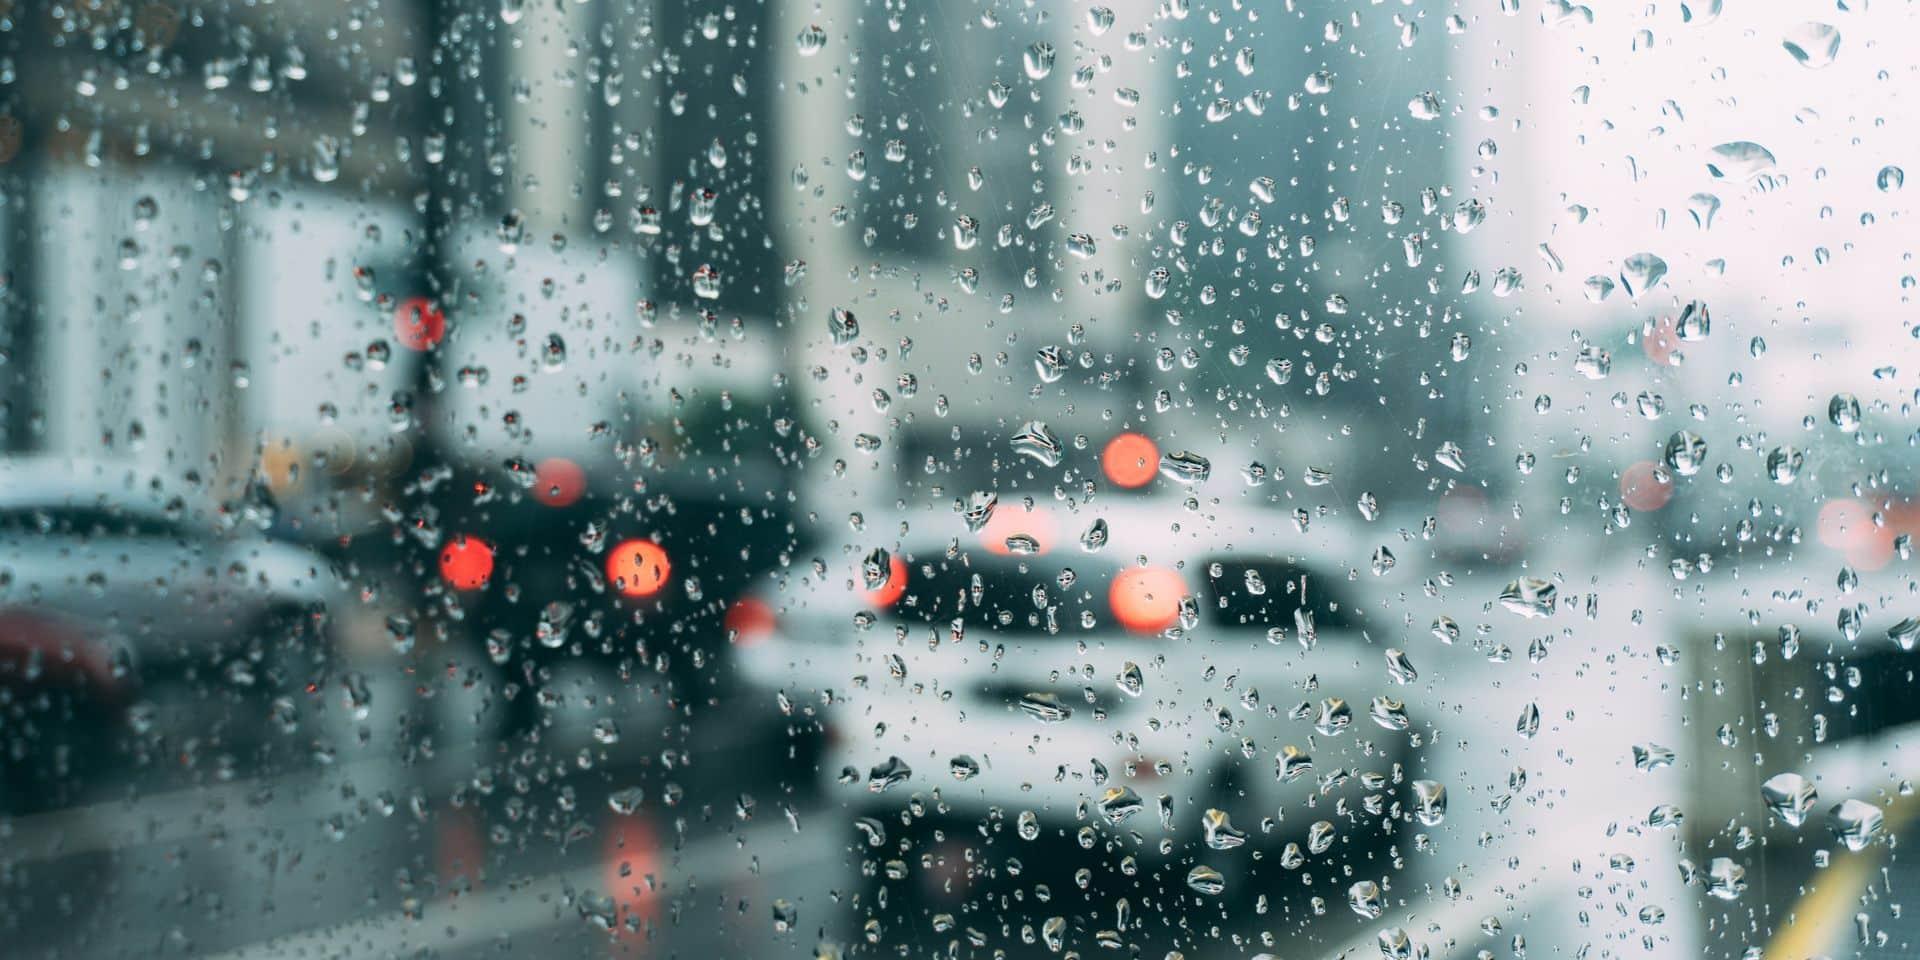 Intempéries : orages et pluies torrentielles en Wallonie picarde